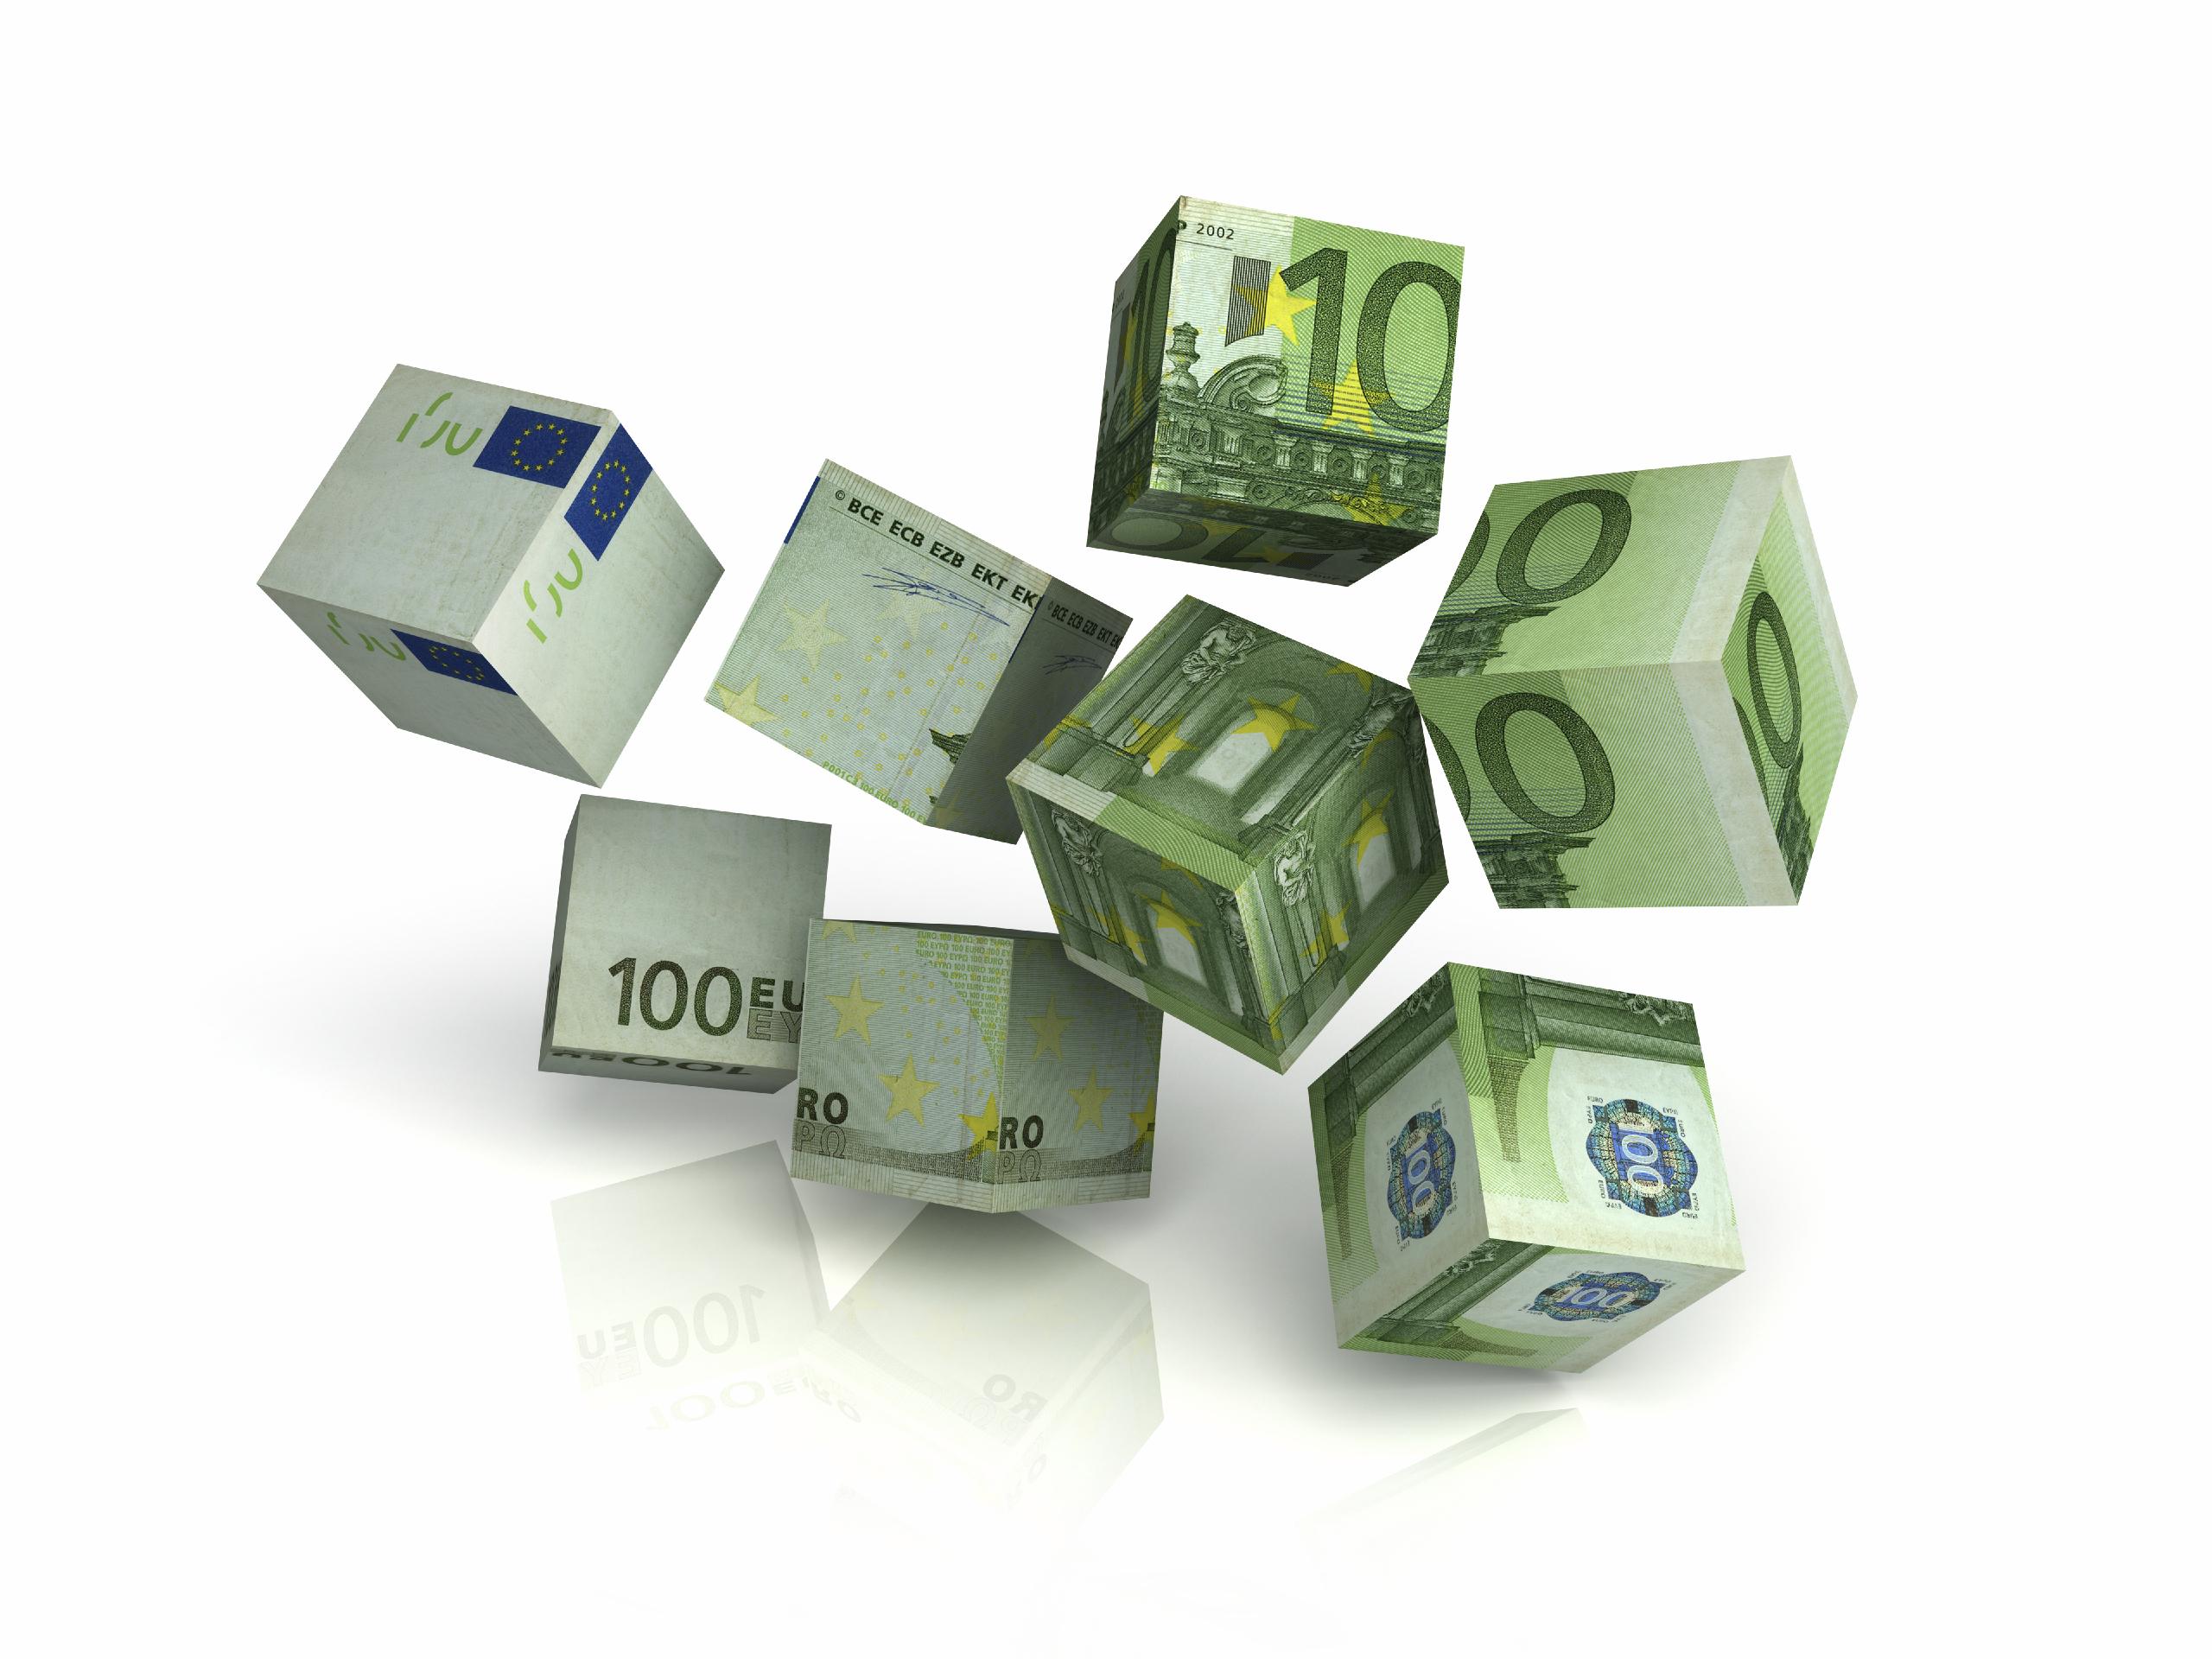 IFRS 15 steg 4: Att fördela transaktionspriset